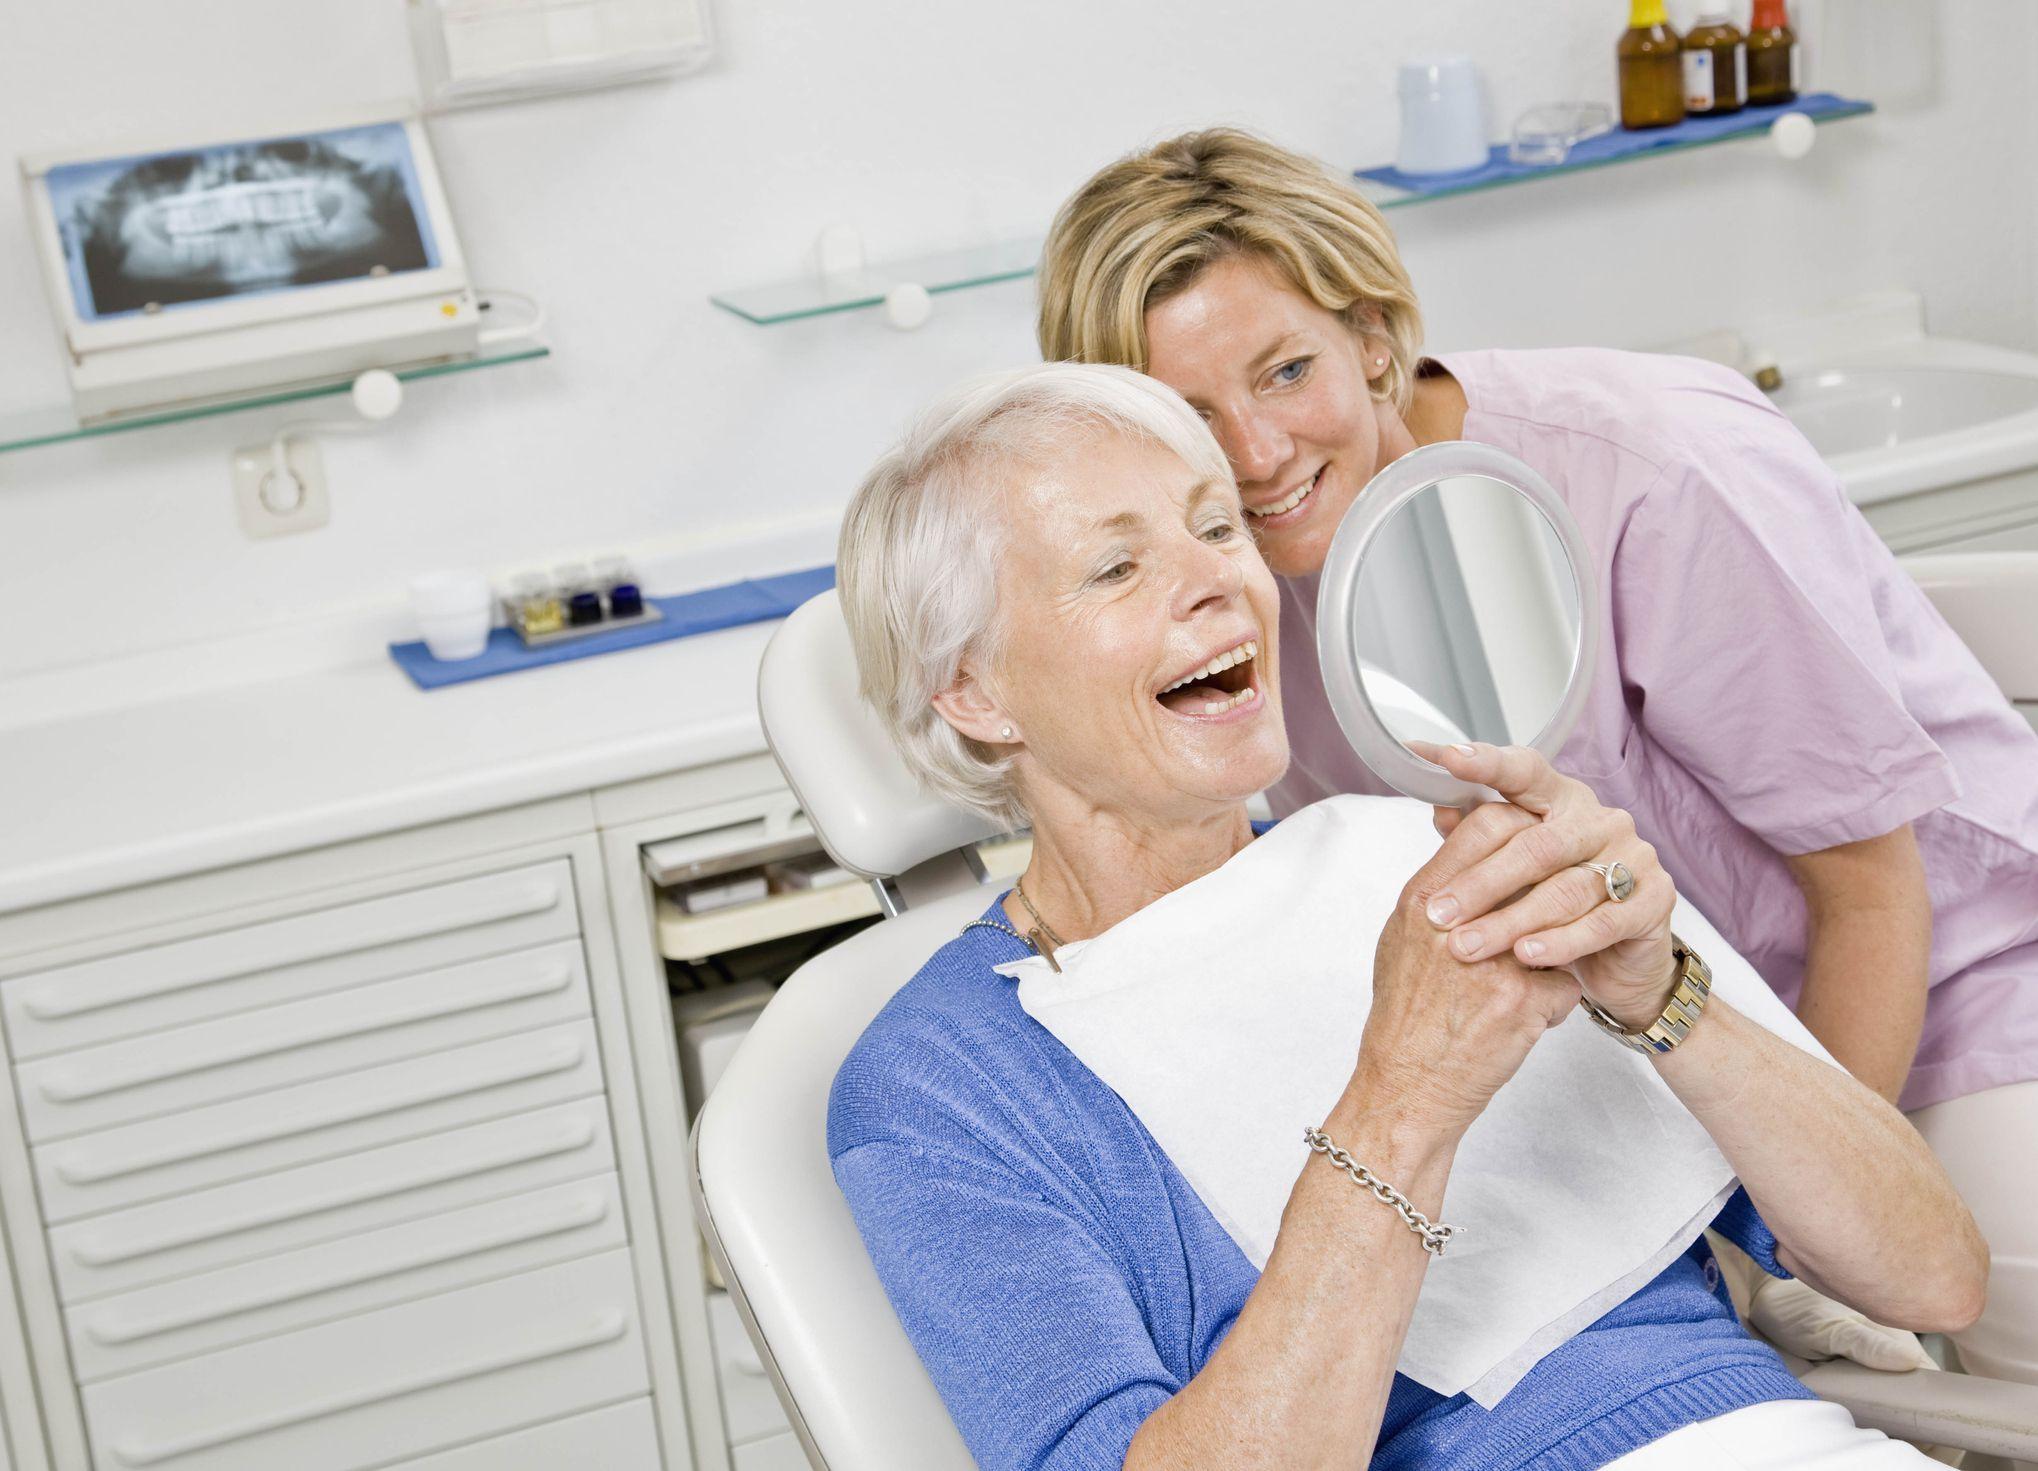 Best Dental Insurance for Seniors in 2018 Dental care